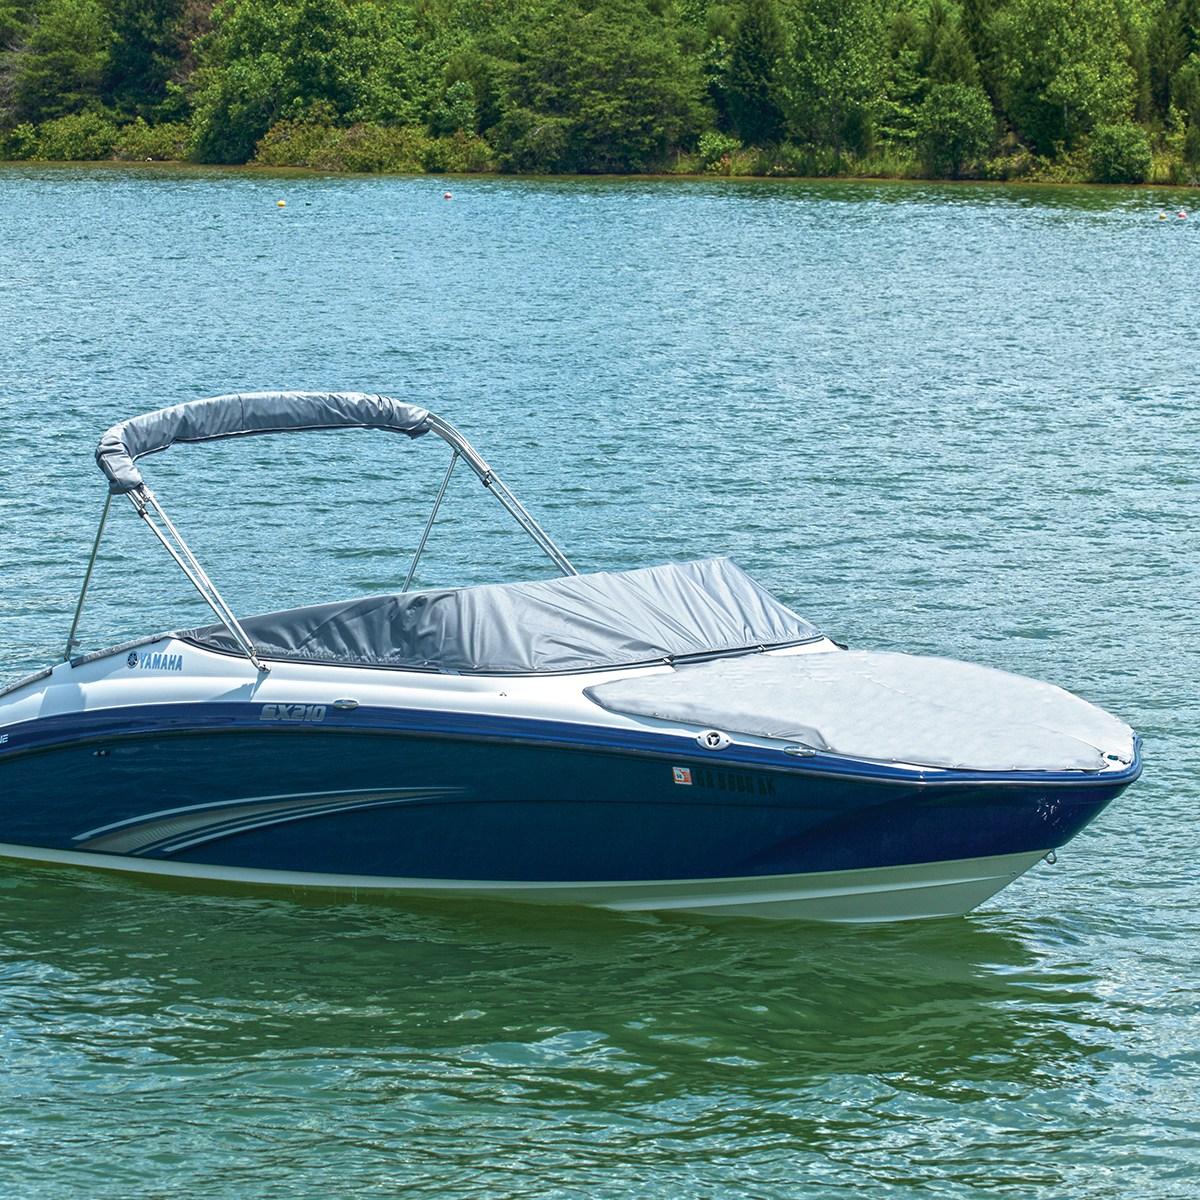 Yamaha charcoal bow cover 15 ar192 sx192 17 ar195 sx195 for Yamaha ar230 boat cover